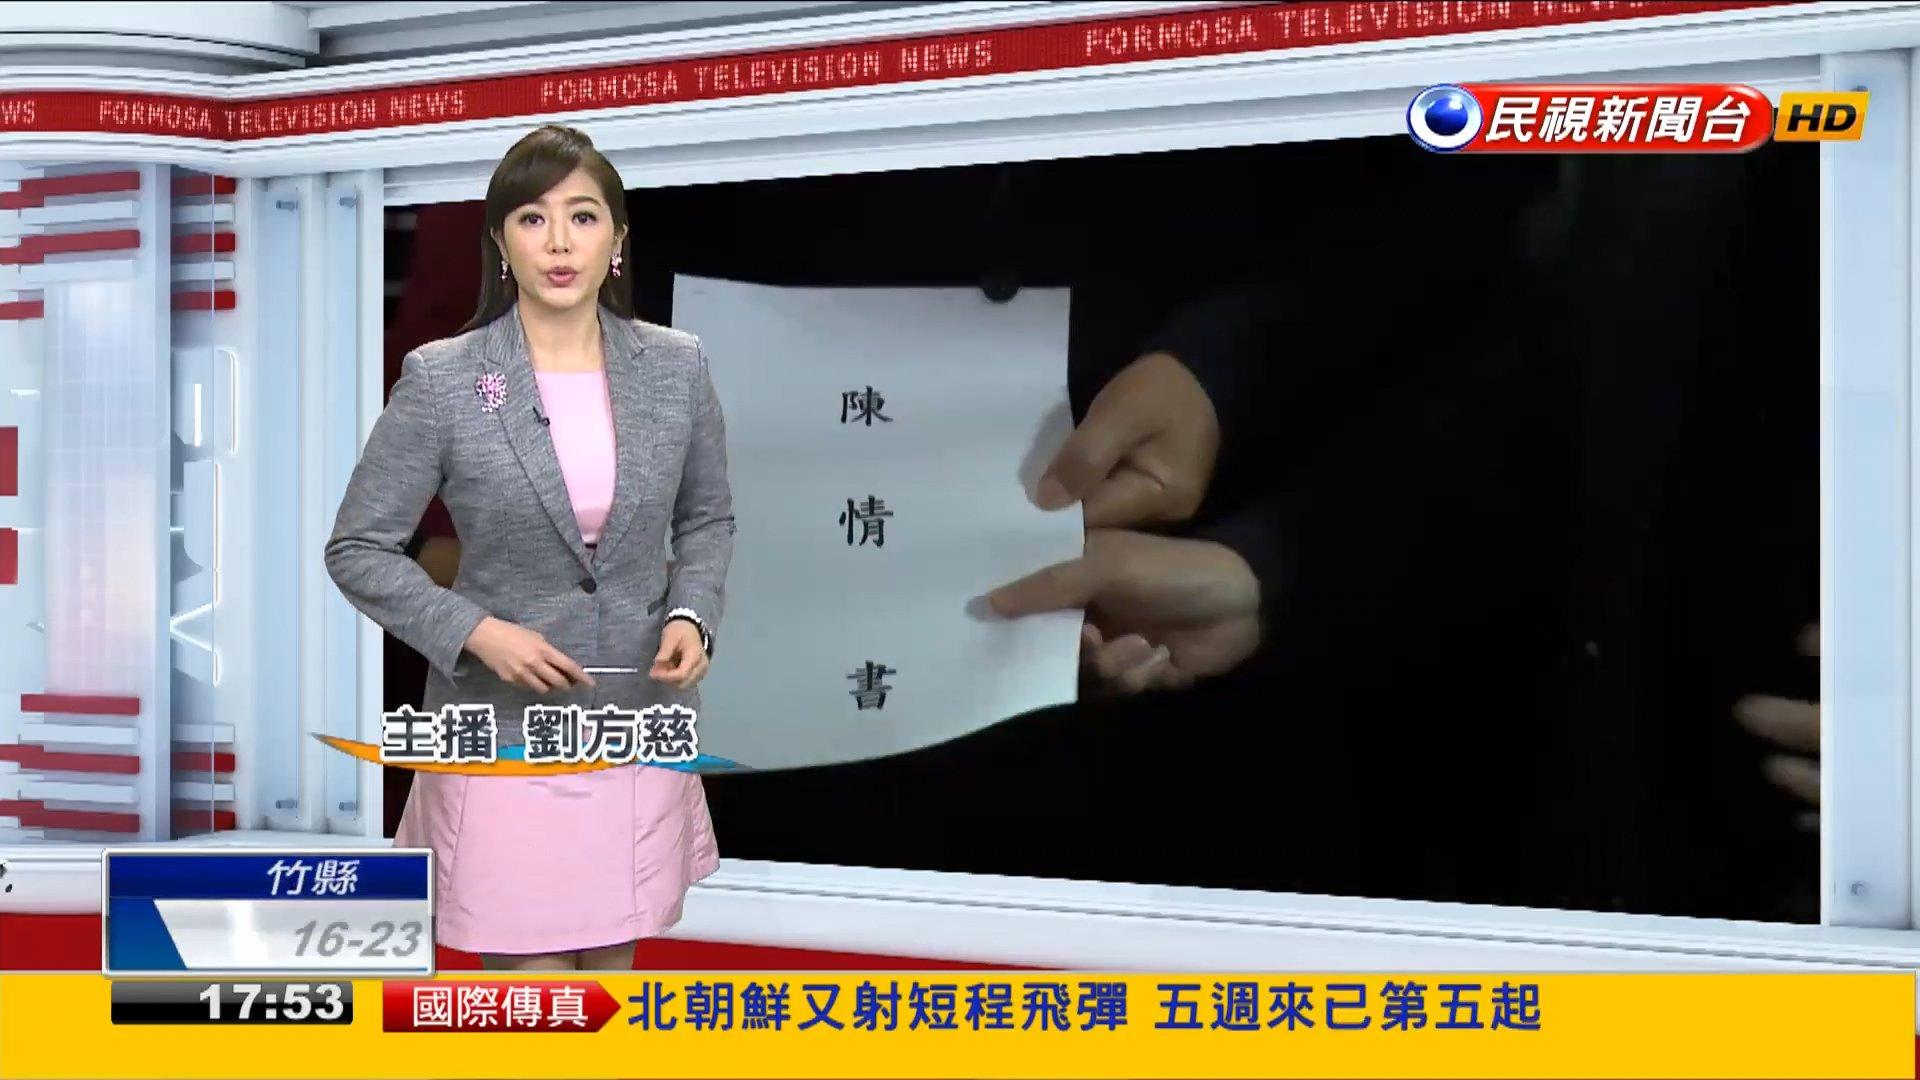 民視 Twitter: 原來生活是這樣: 2016.03.30 民視主播 劉方慈